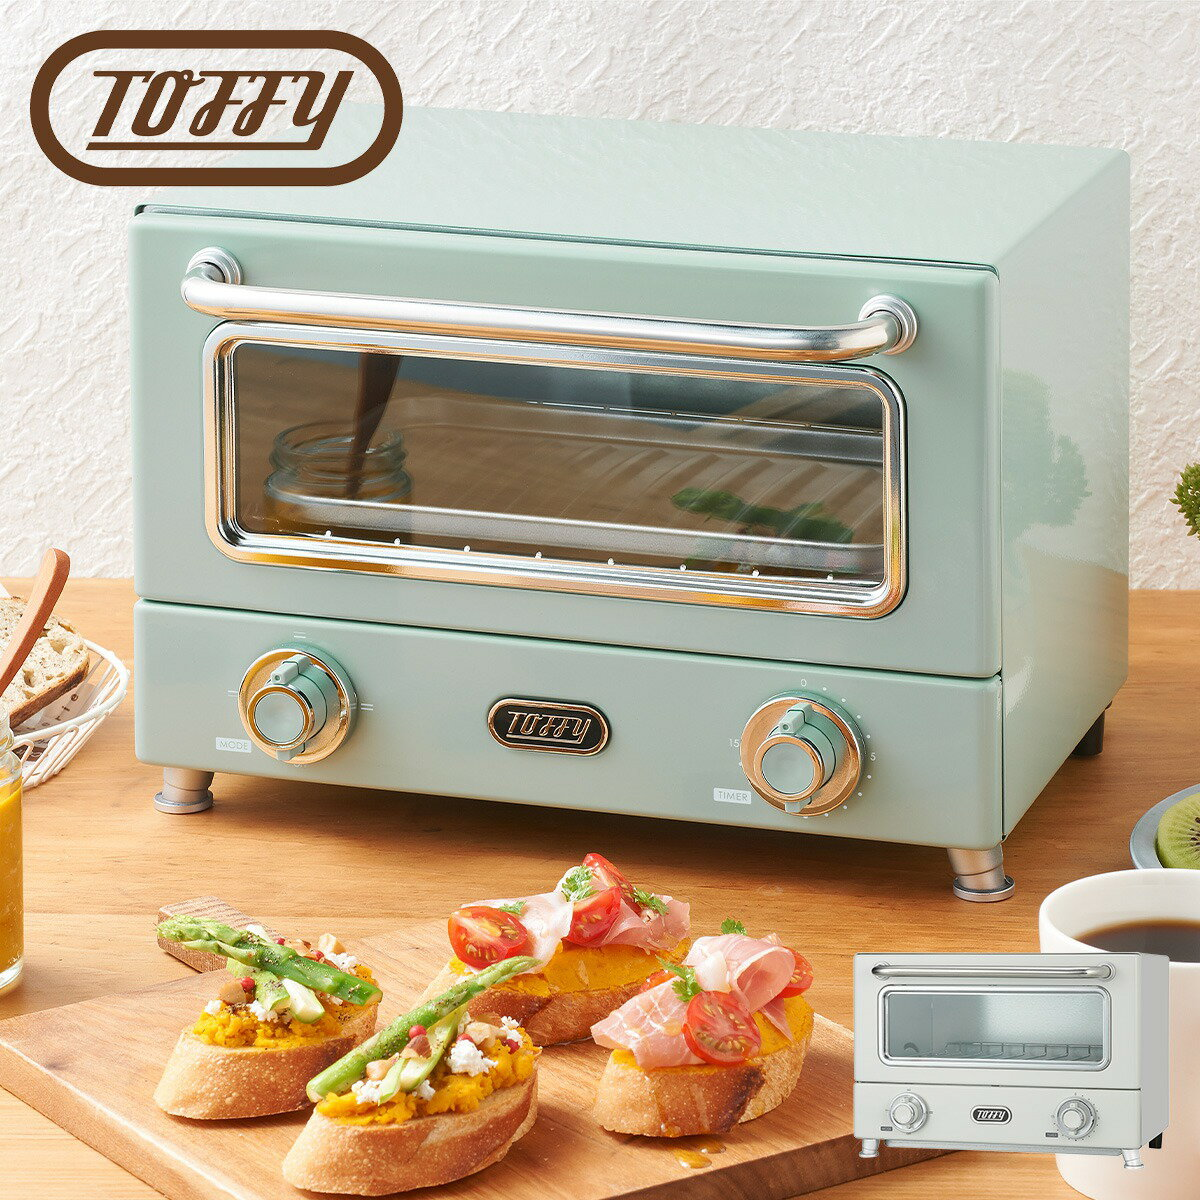 トースター, オーブントースター 1000OFF Toffy 2 3 LADONNA K-TS3